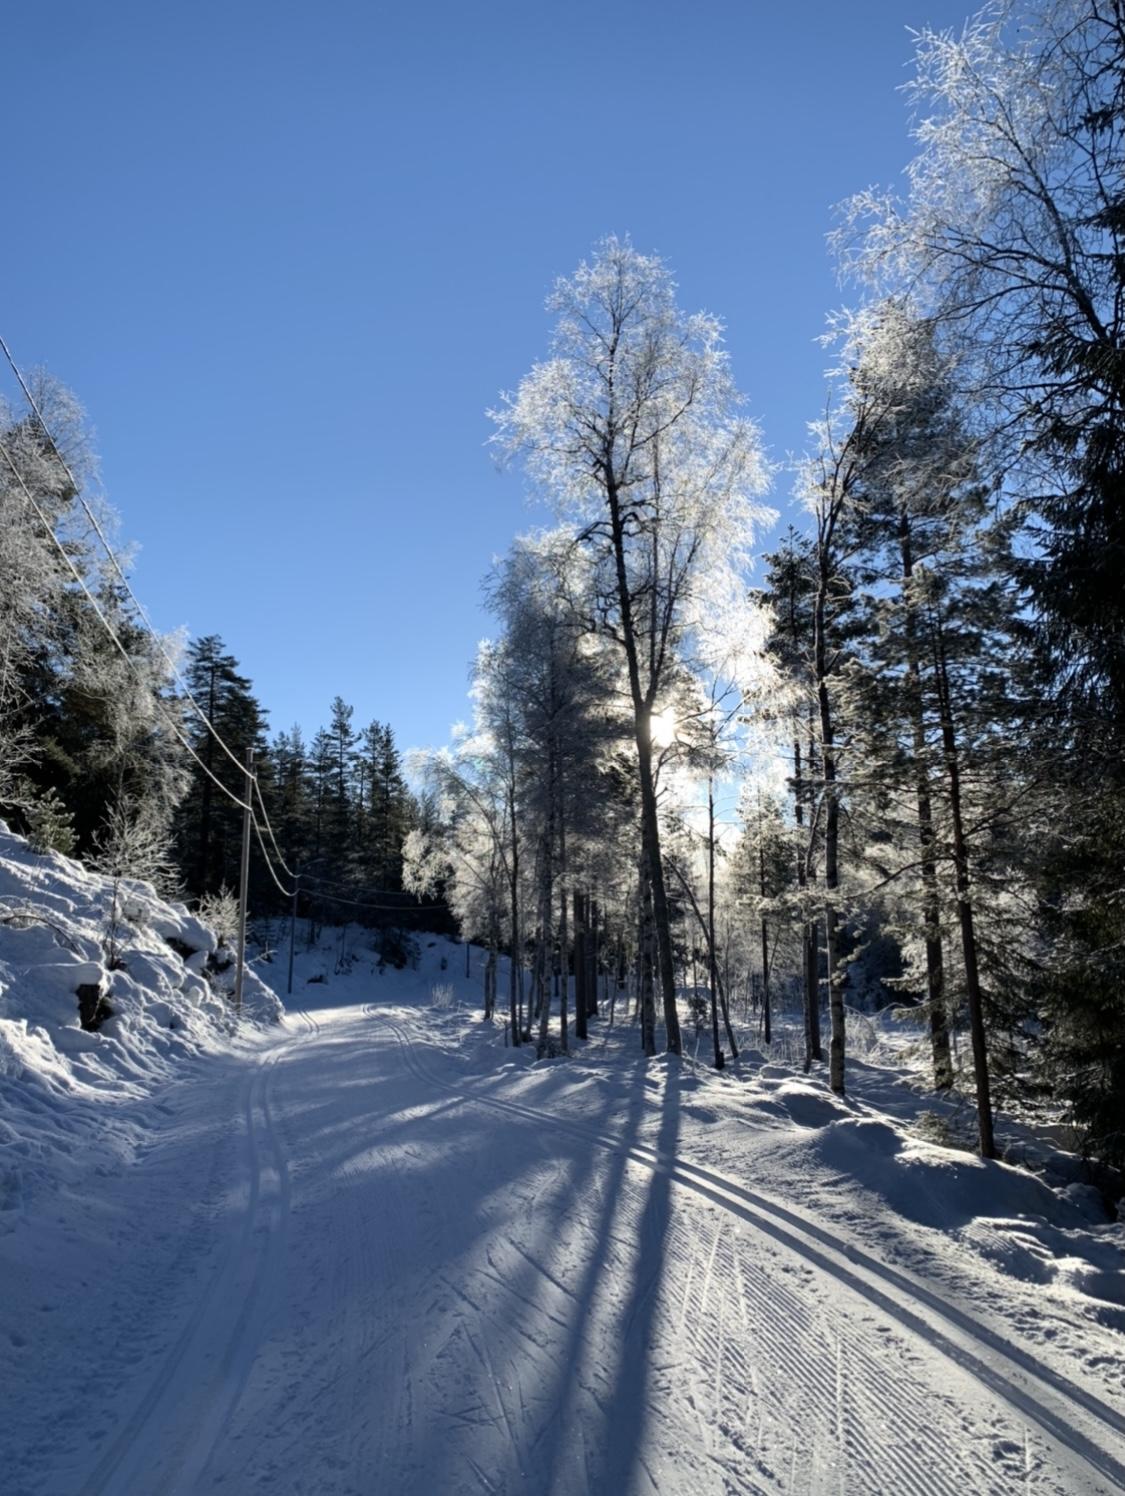 Durch den verschneiten Wald in Norwegen